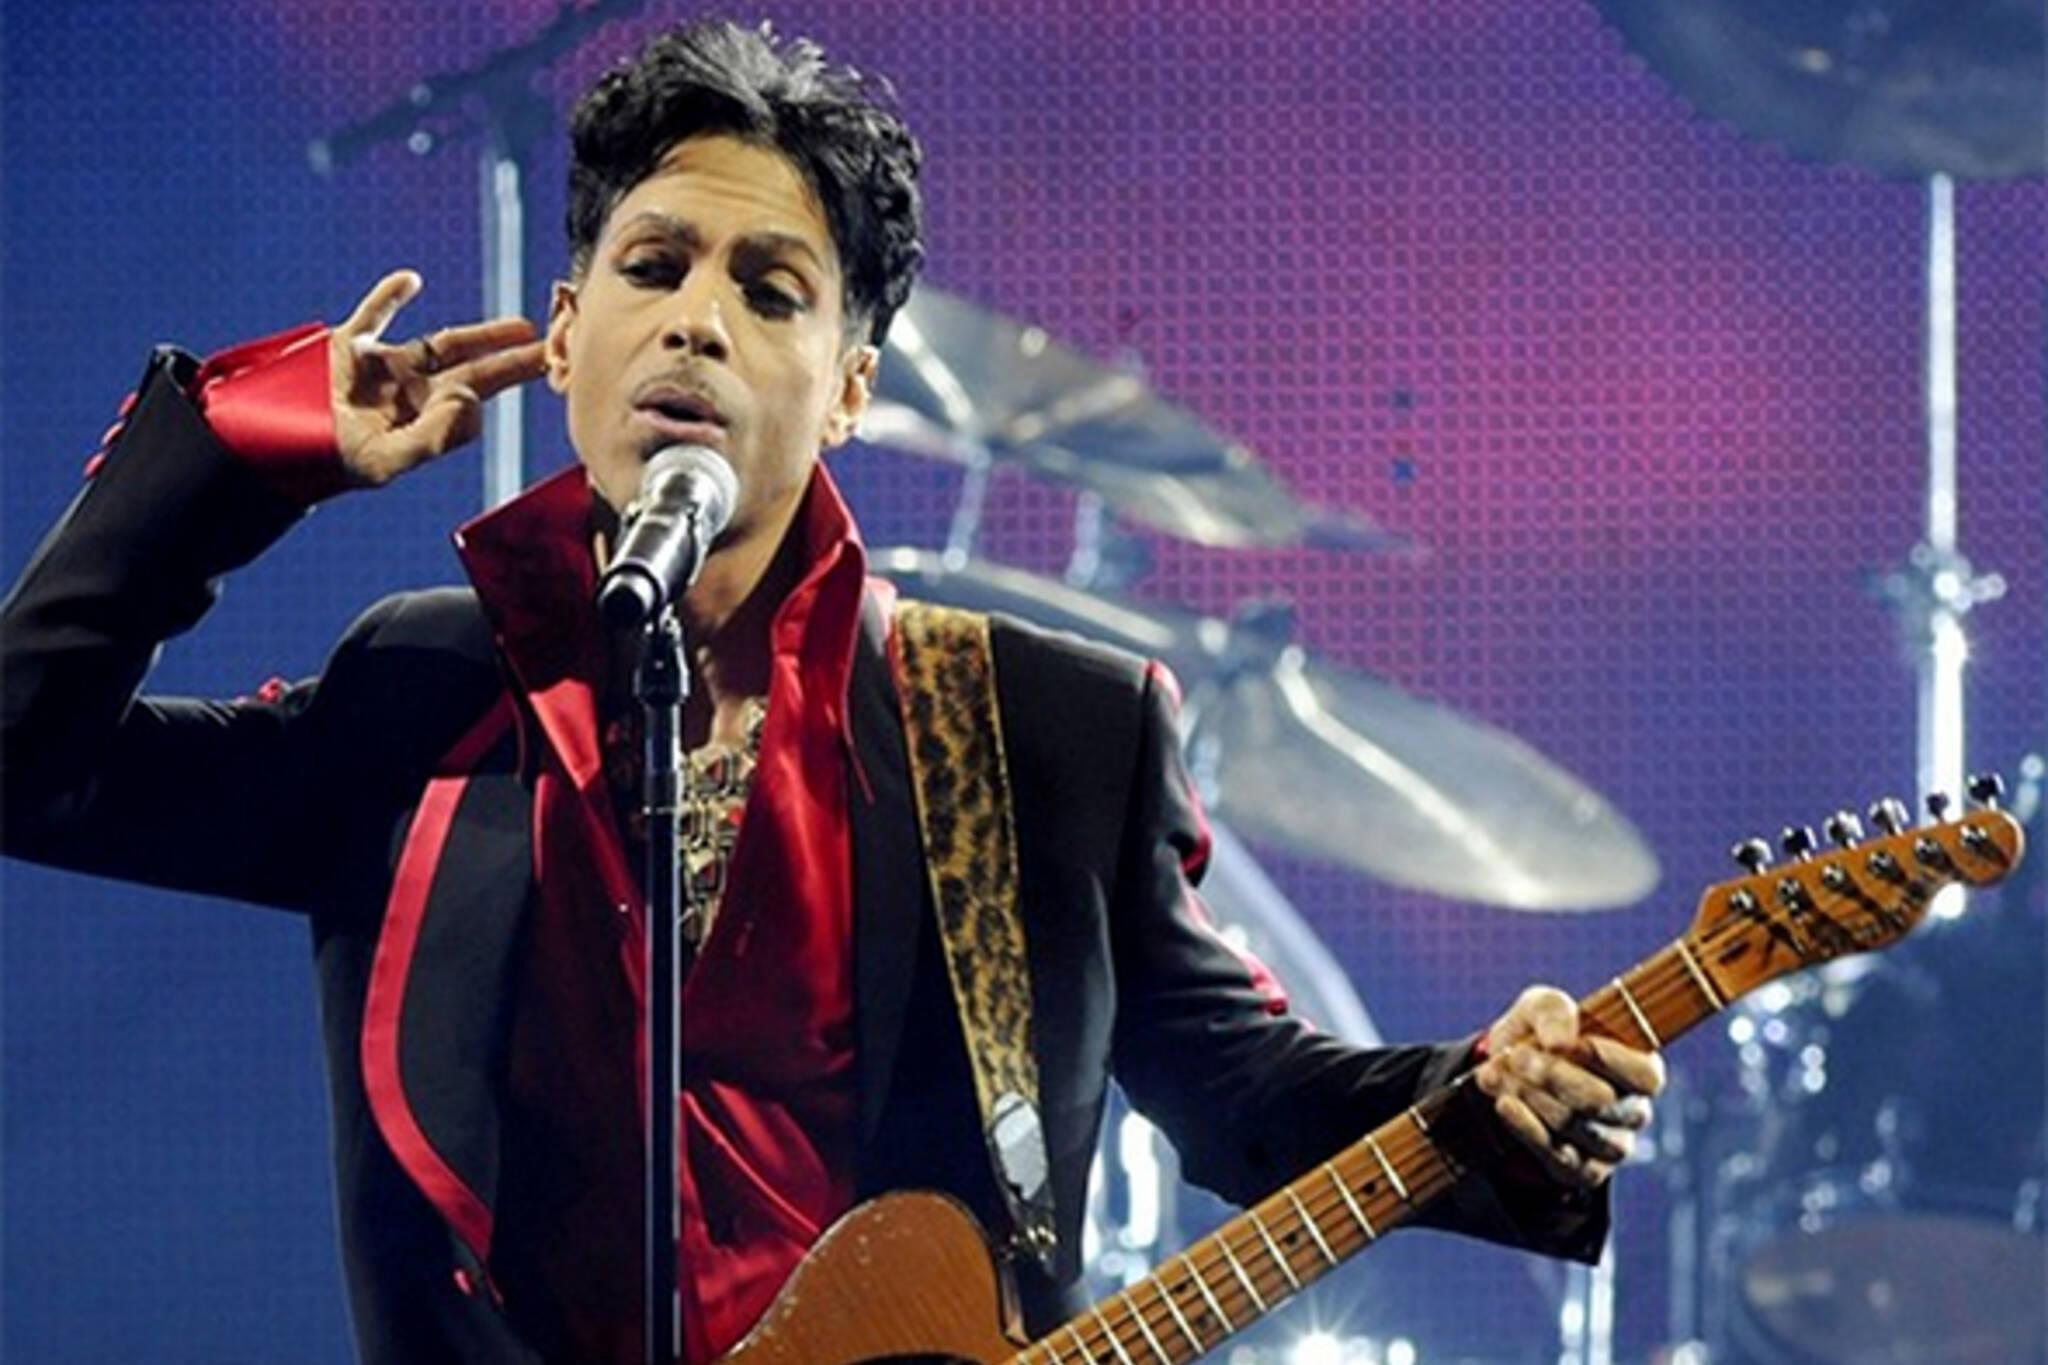 Prince concert toronto